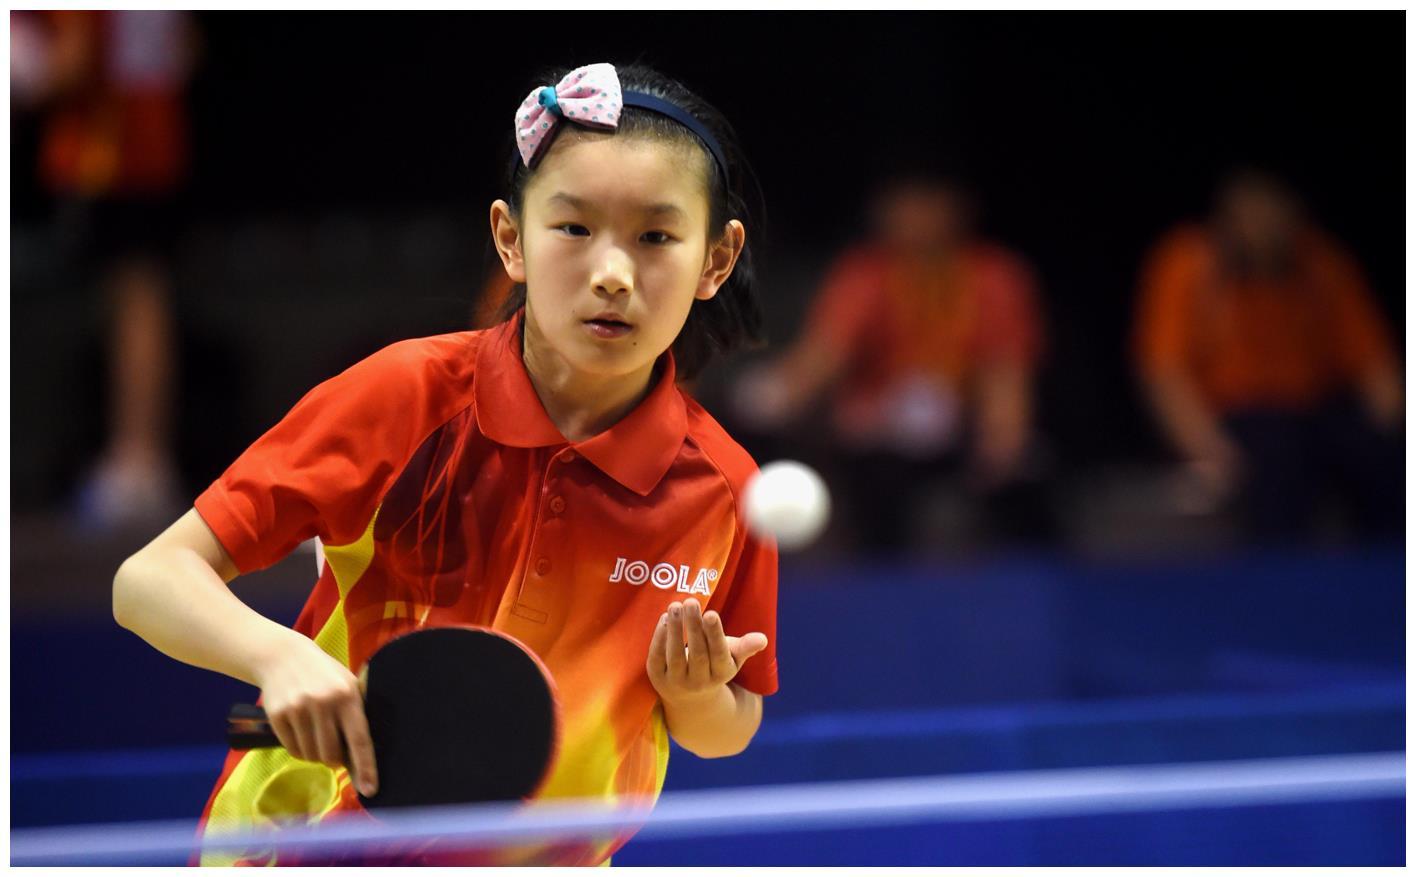 提升反应能力,锻炼视力,打乒乓球有太多的你想想不到的好处